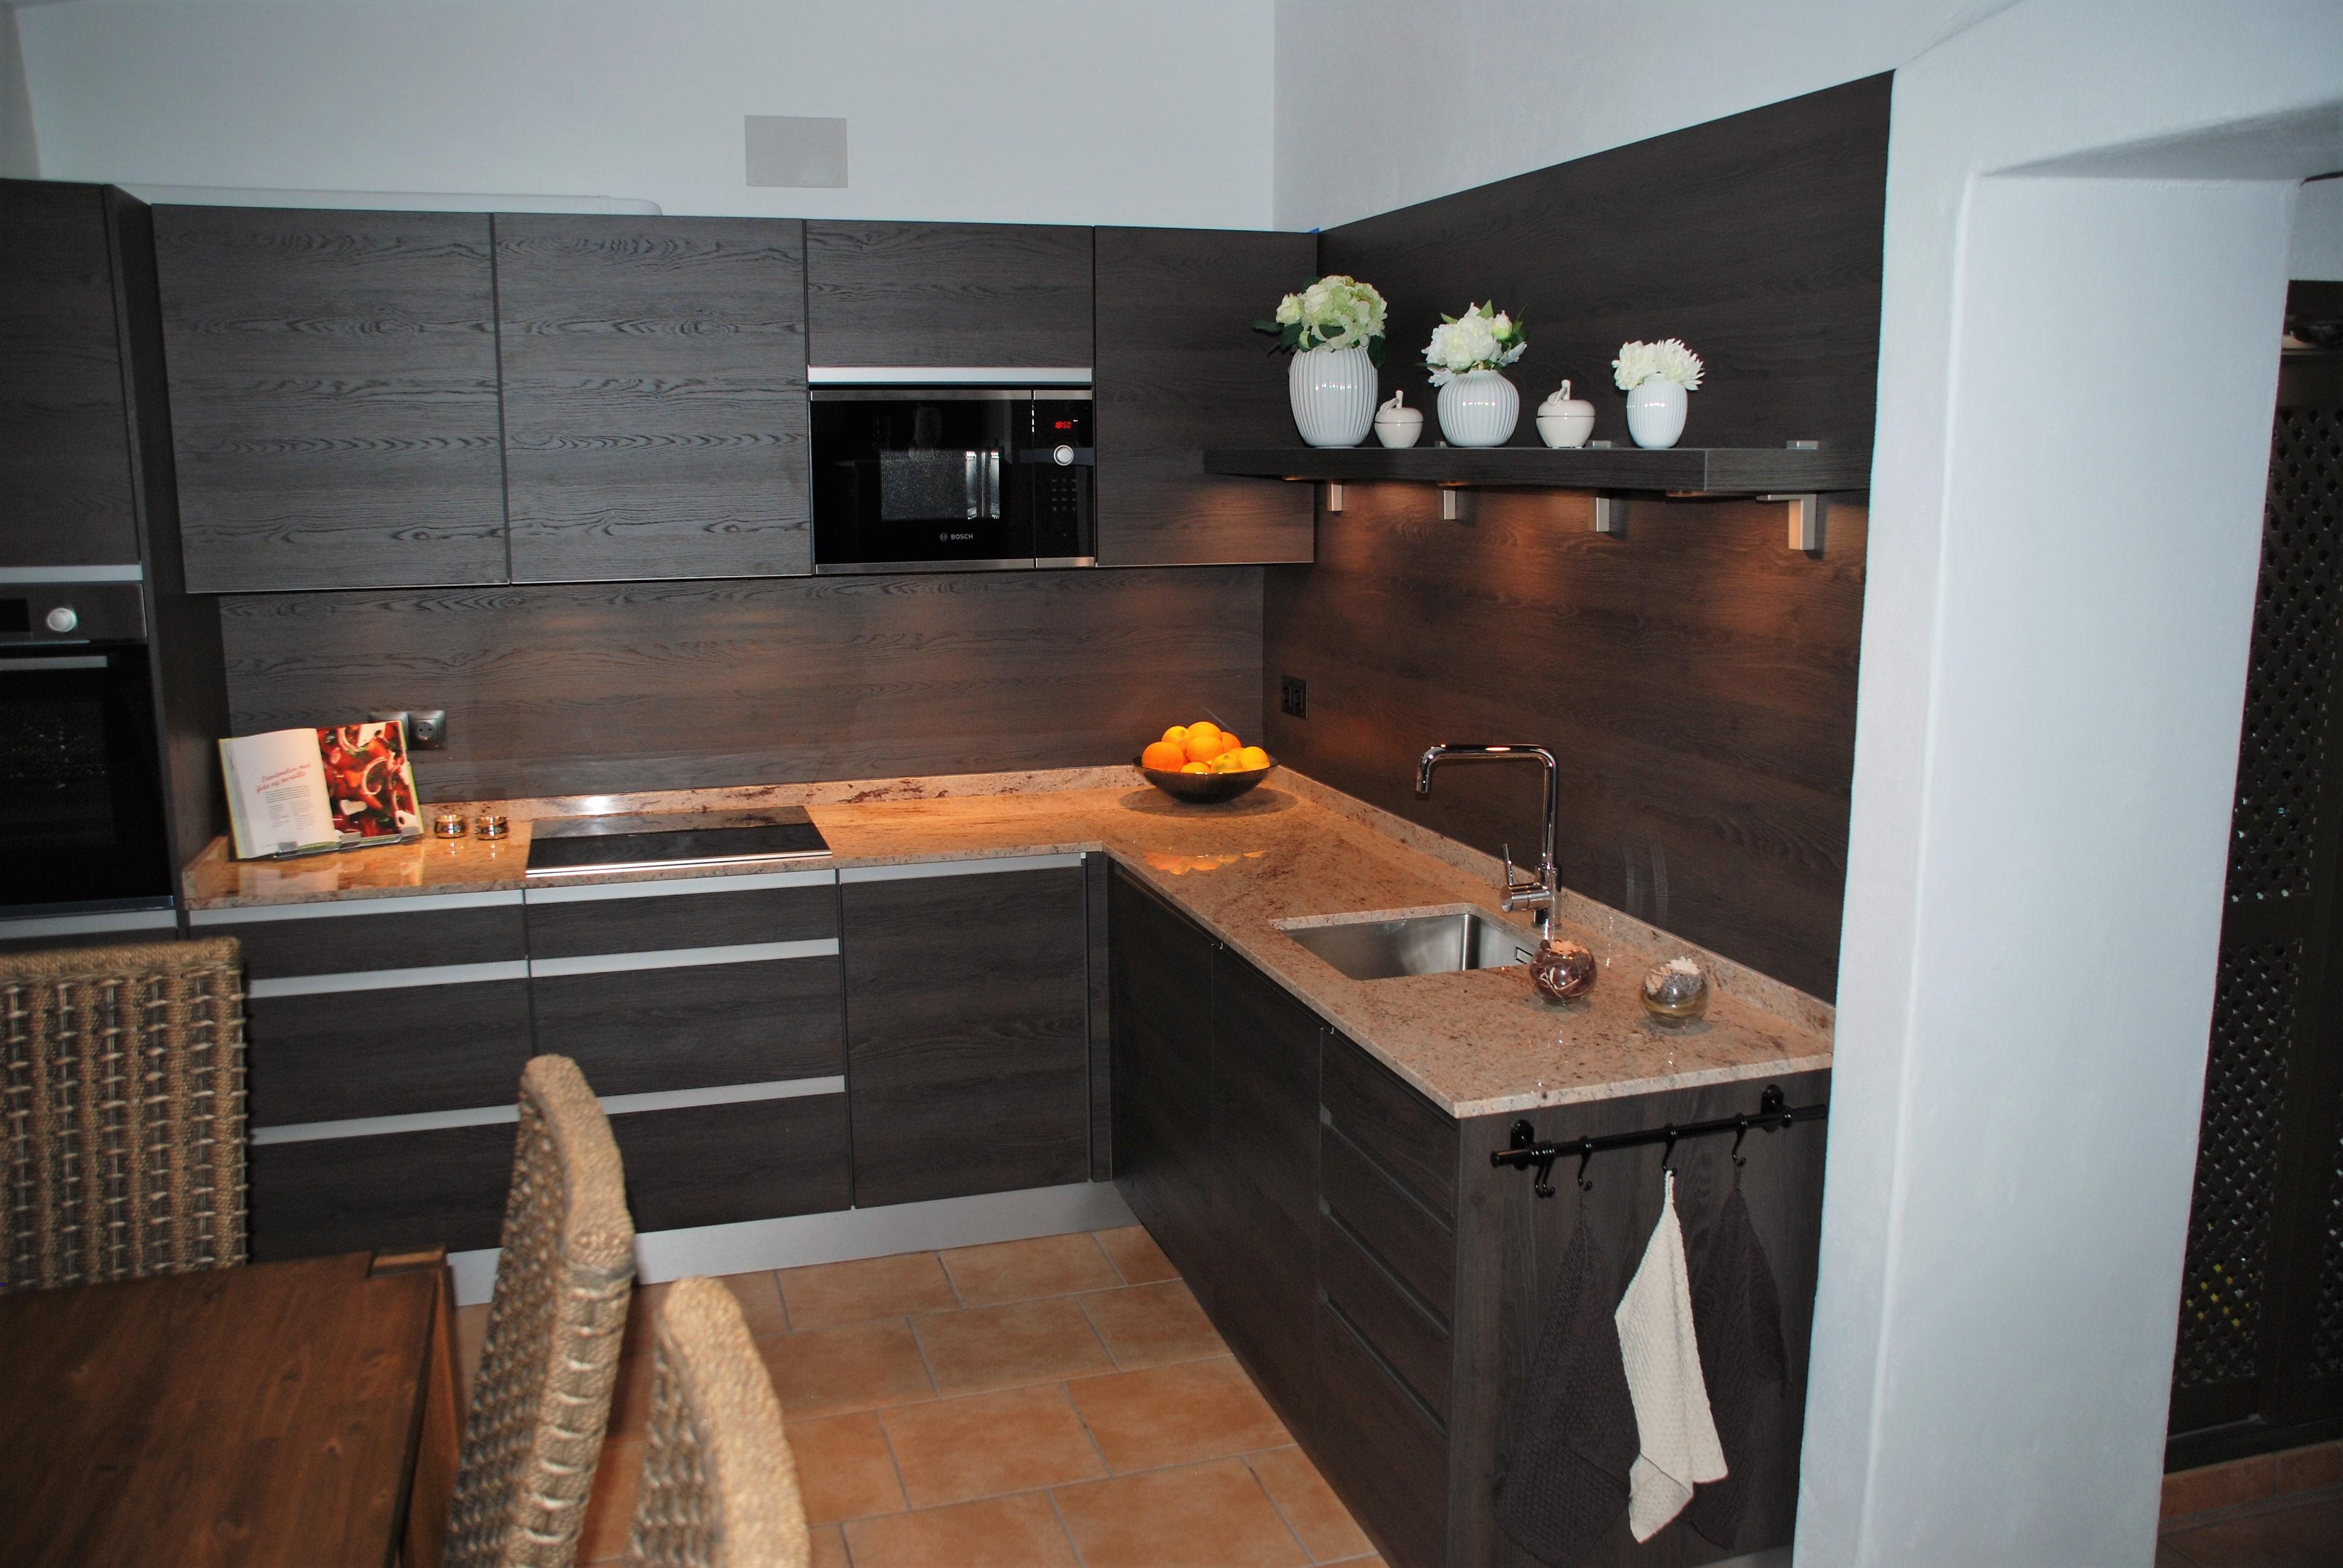 Casa Interior Küchentime Structura 3